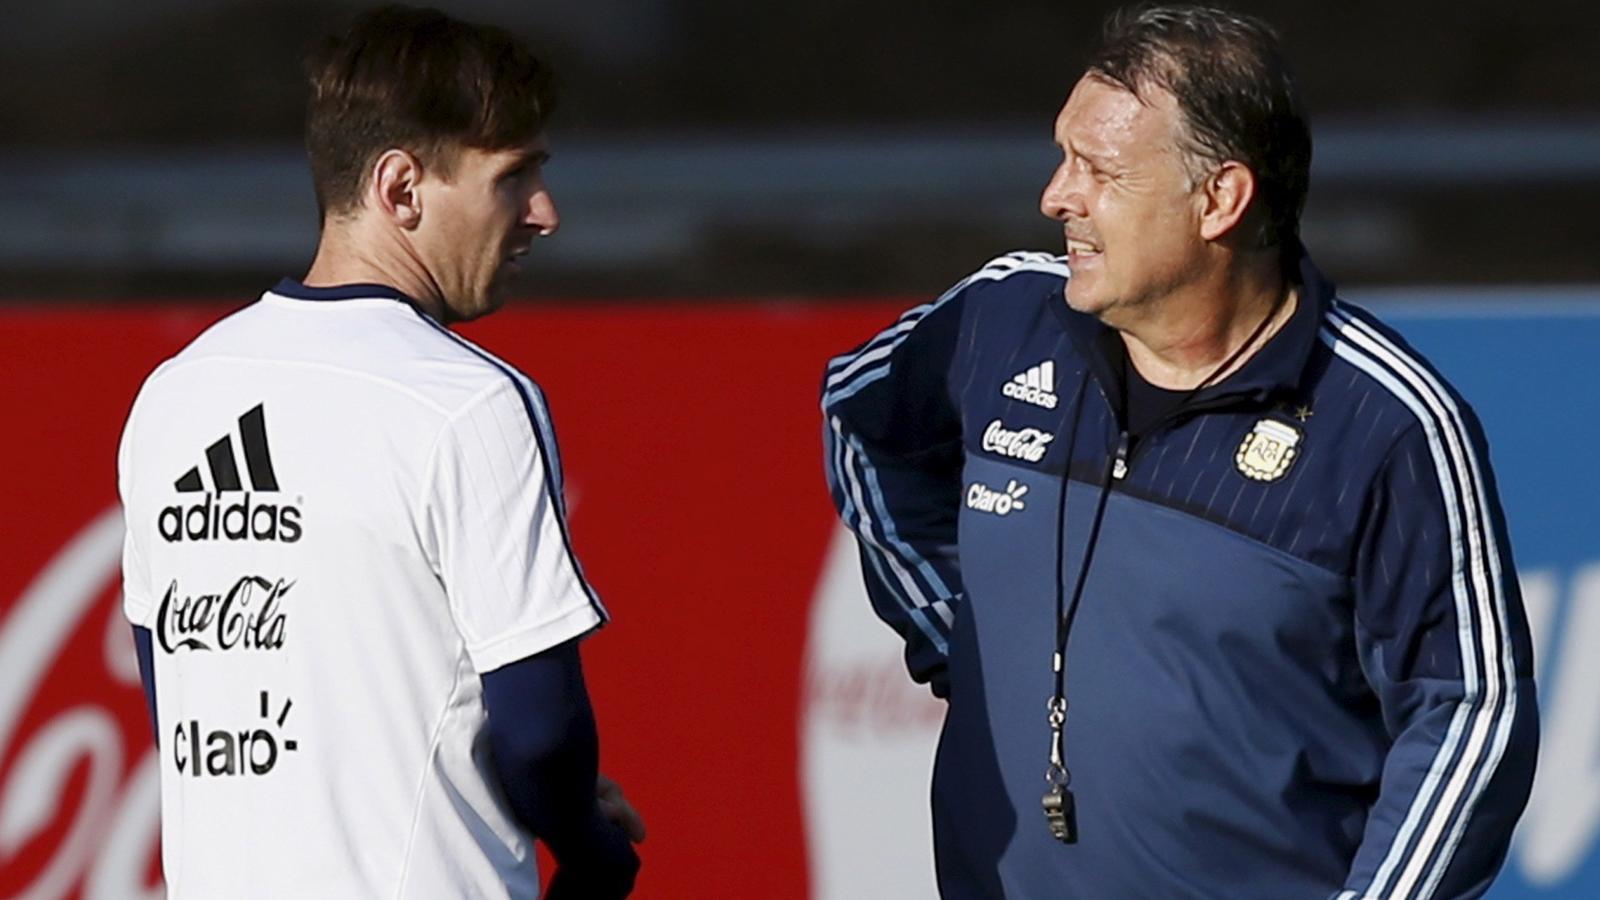 مارتينو: لو كنت ميسي لتوقفت عن اللعب لمنتخب الأرجنتين